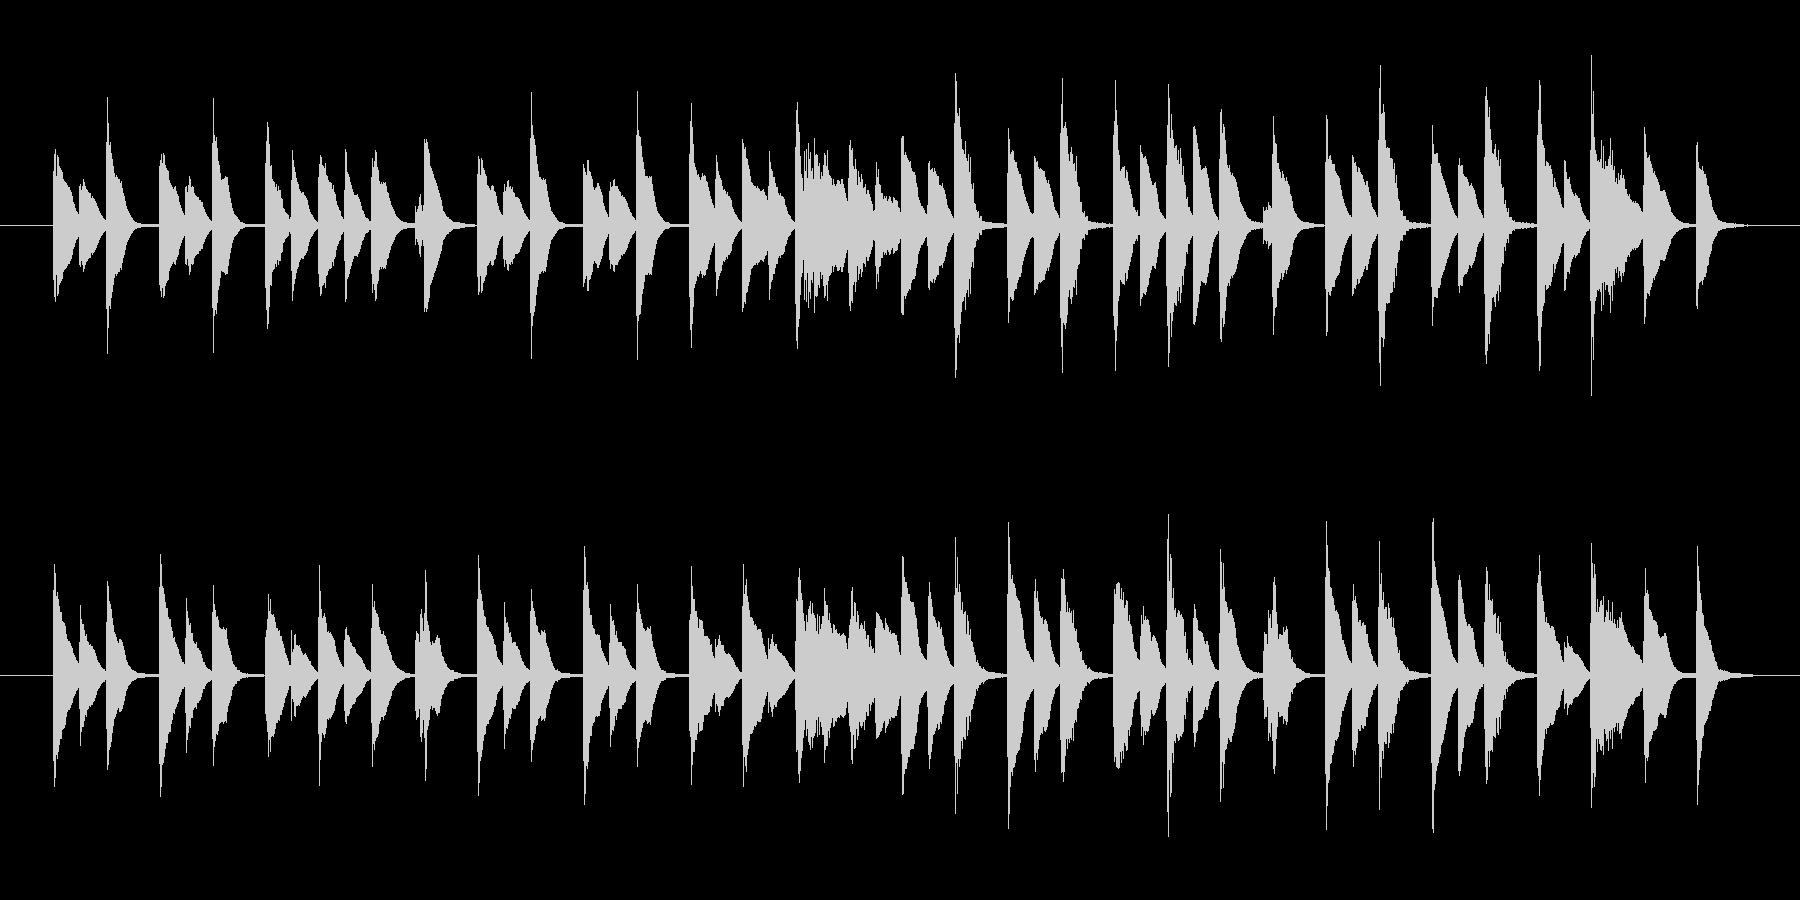 ナレーション系CMに最適軽快なピアノ曲の未再生の波形